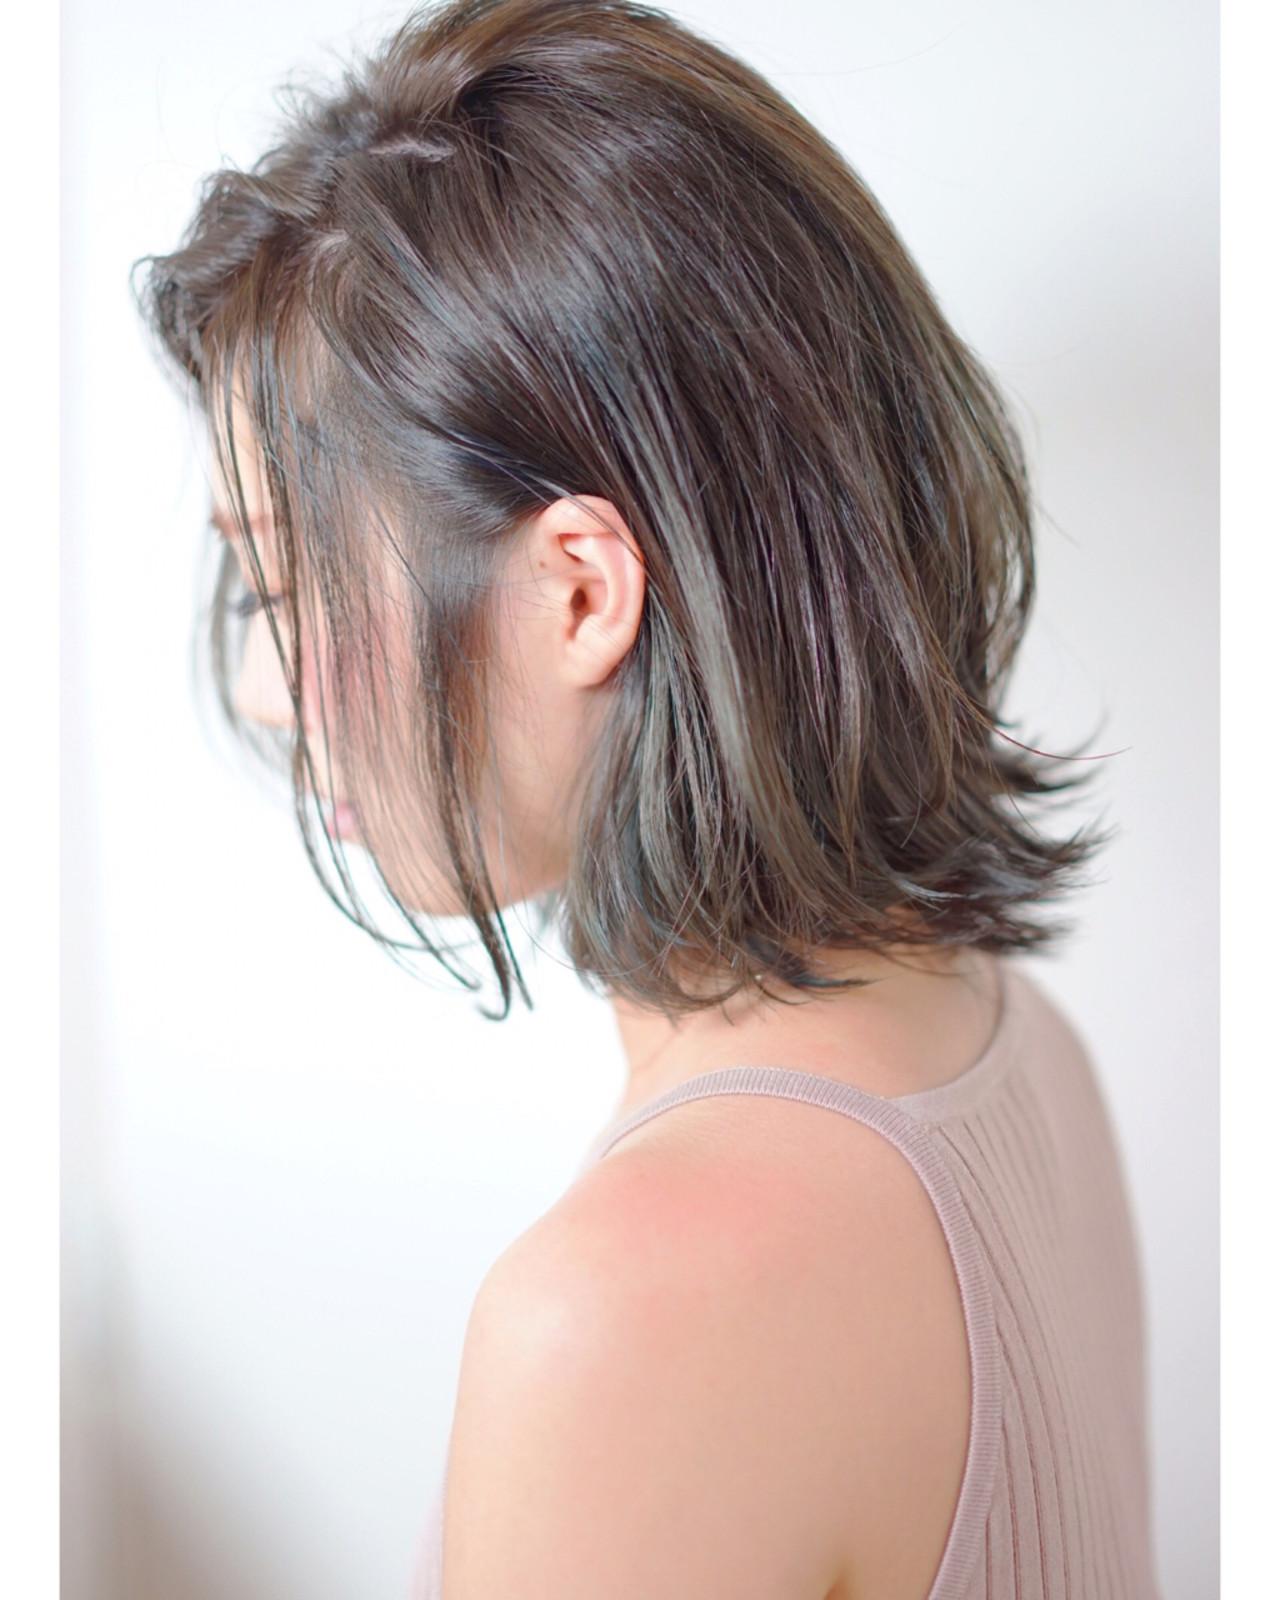 ボブ 暗髪 外ハネ 耳かけ ヘアスタイルや髪型の写真・画像   渡辺拓吏【NUM】 / hair salon NUM